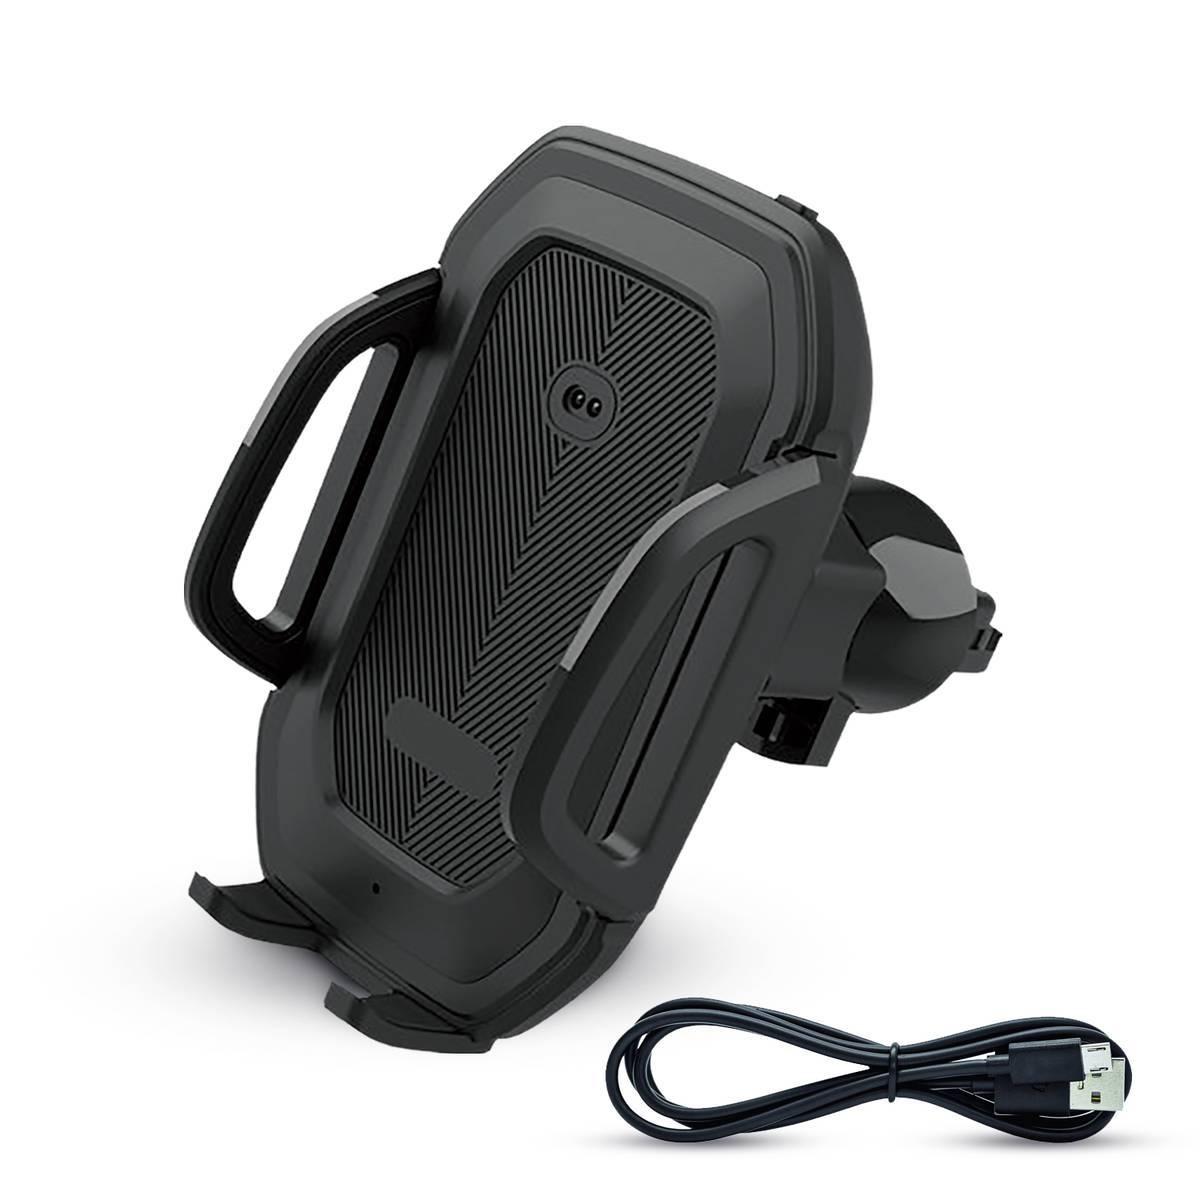 RoboFix: Automatický držák do auta s přiloženým Micro USB kabelem